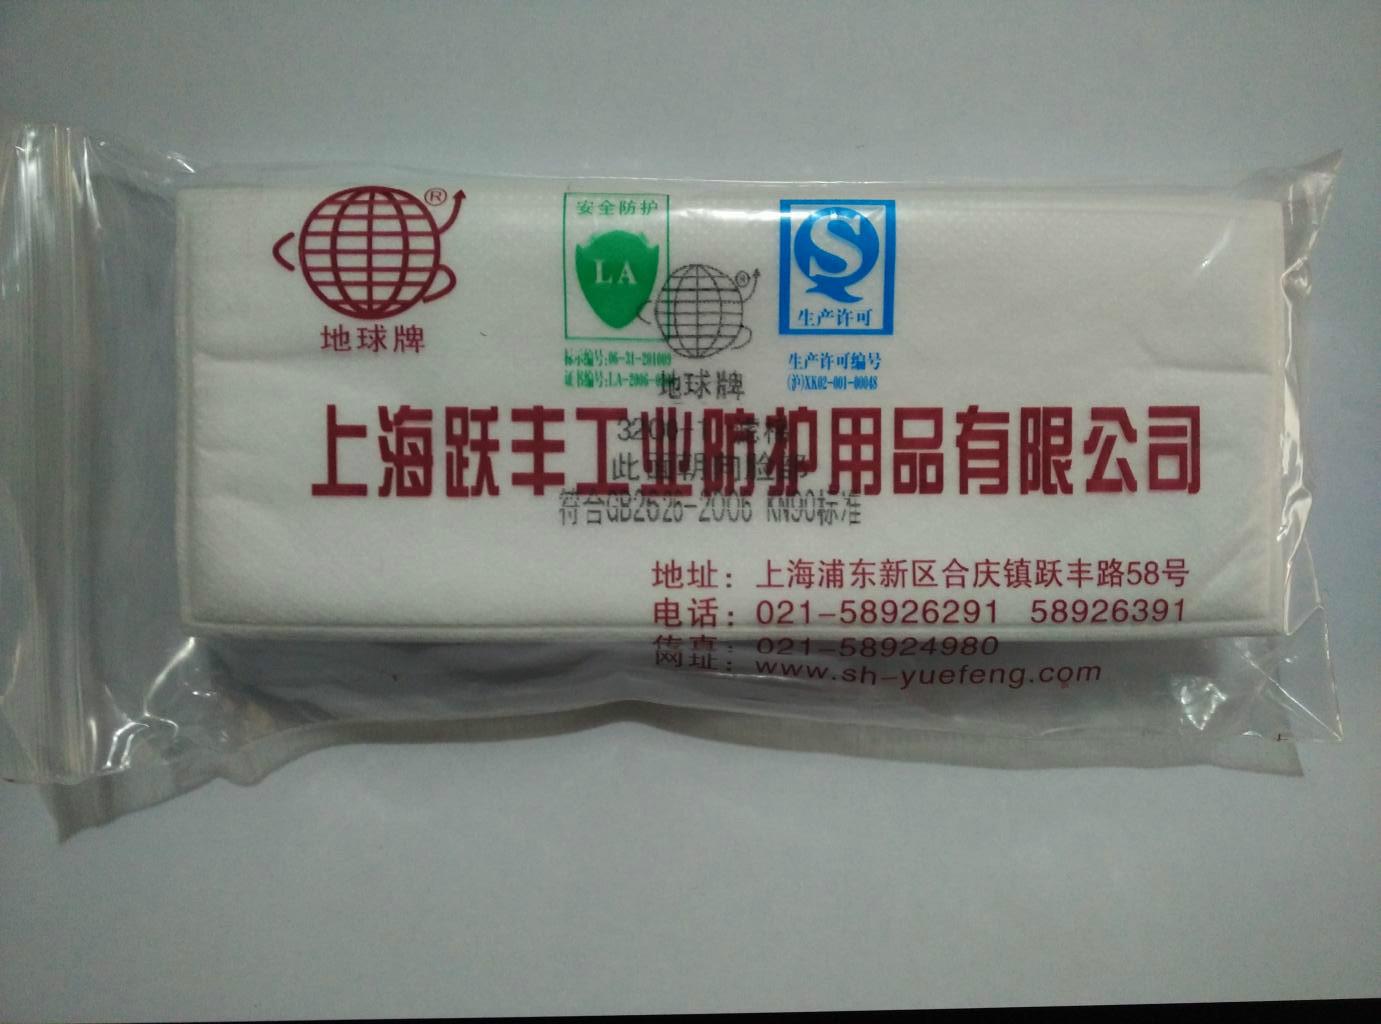 正品地球牌防尘口罩虑棉地球3200-1型防尘口罩滤棉虑纸一包10片装